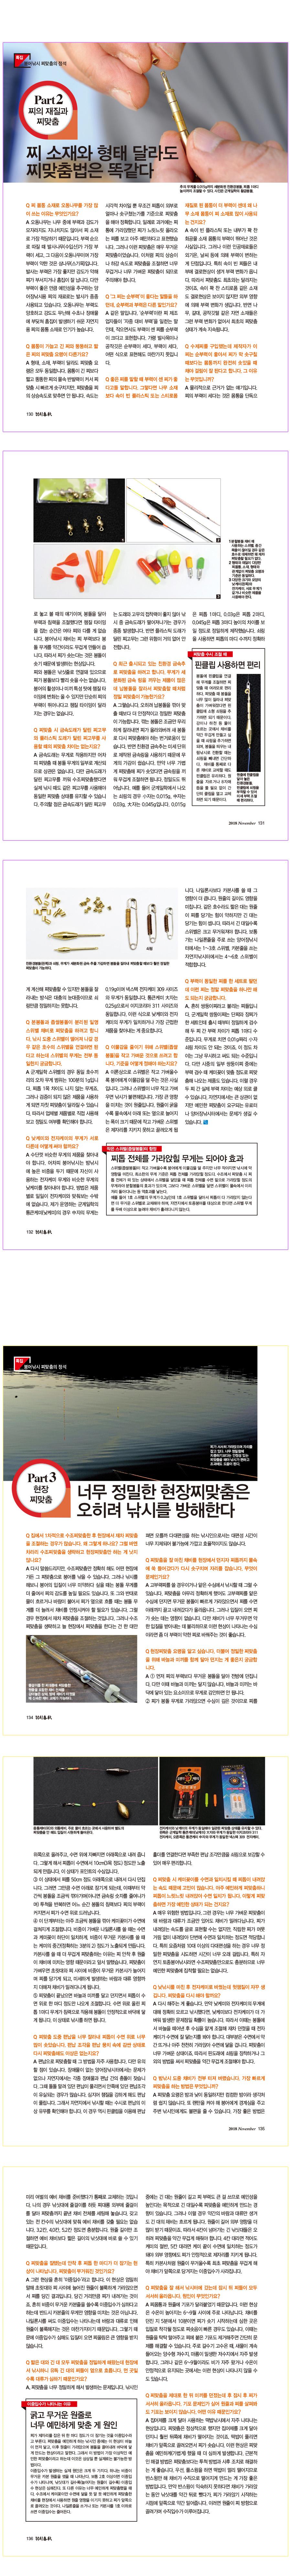 낚시춘추 2018년 11월호 - 특집.붕어낚시 찌맞춤의 정석 2.jpg